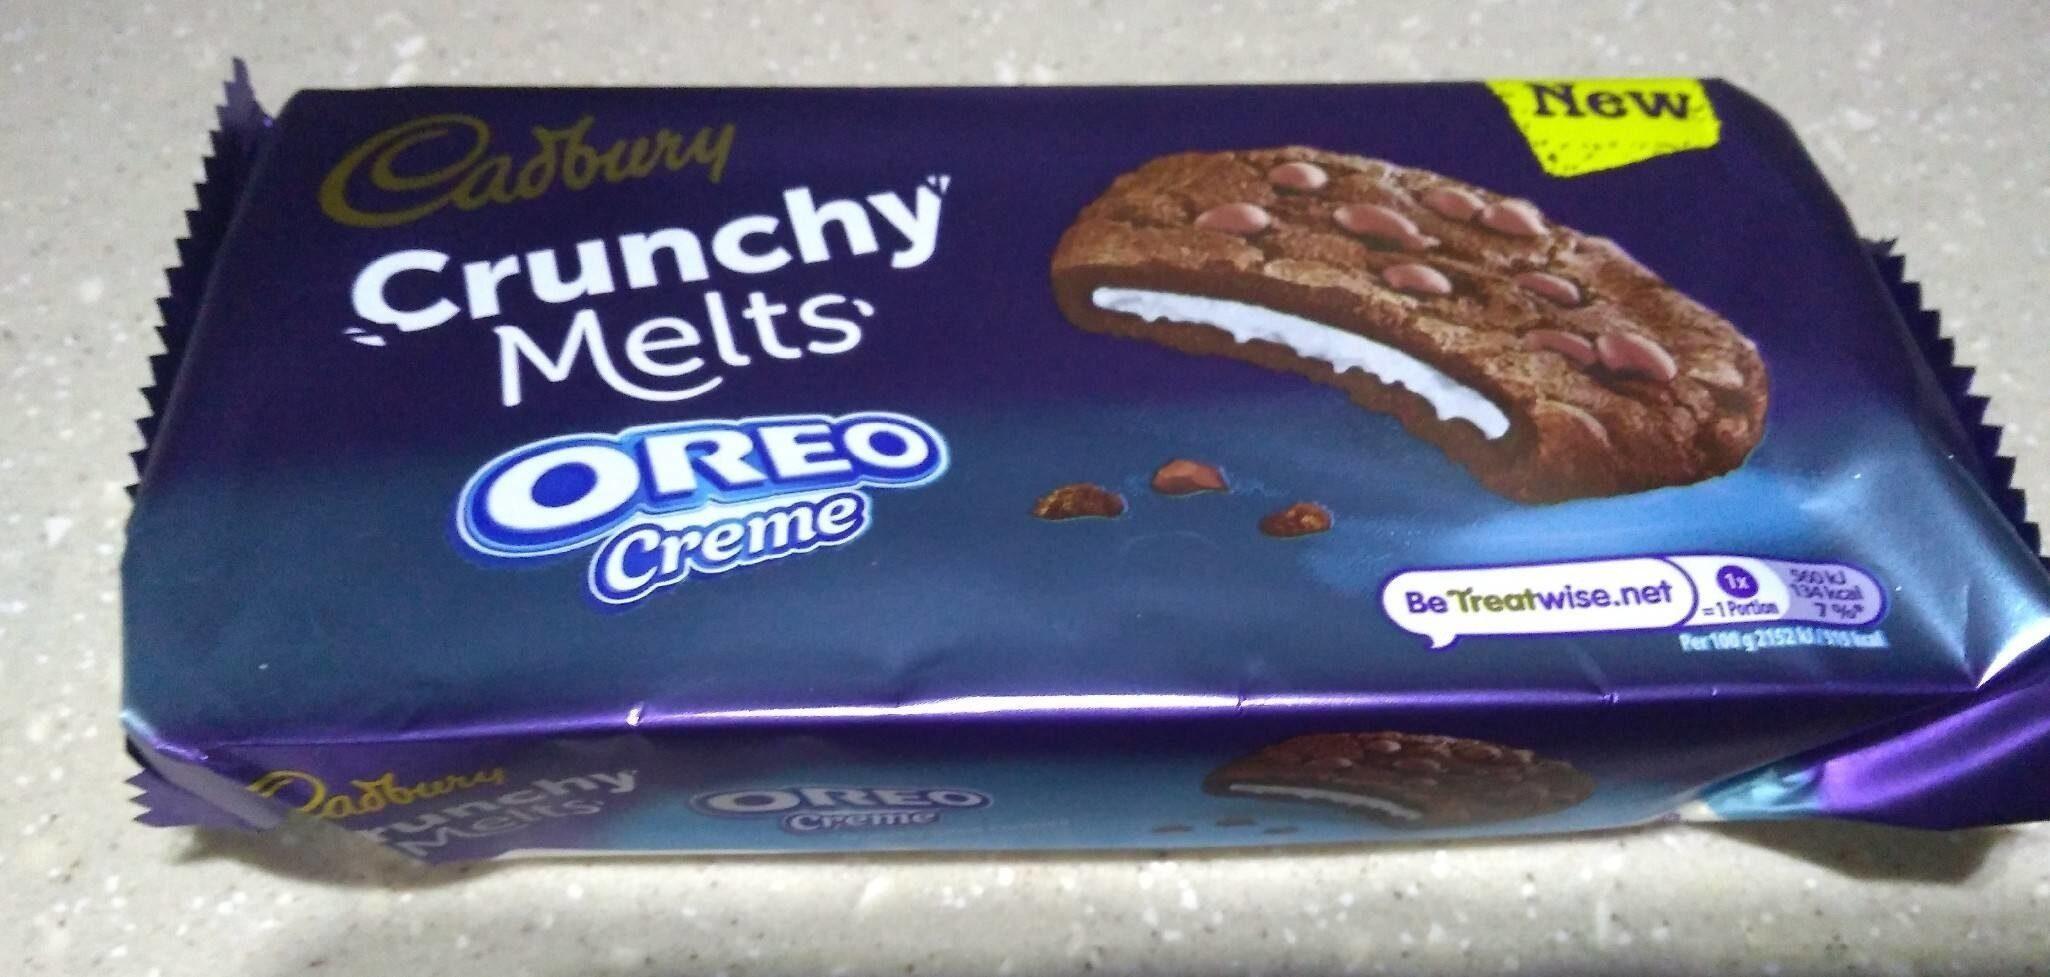 Crunchy melts Oreo creme - Prodotto - en